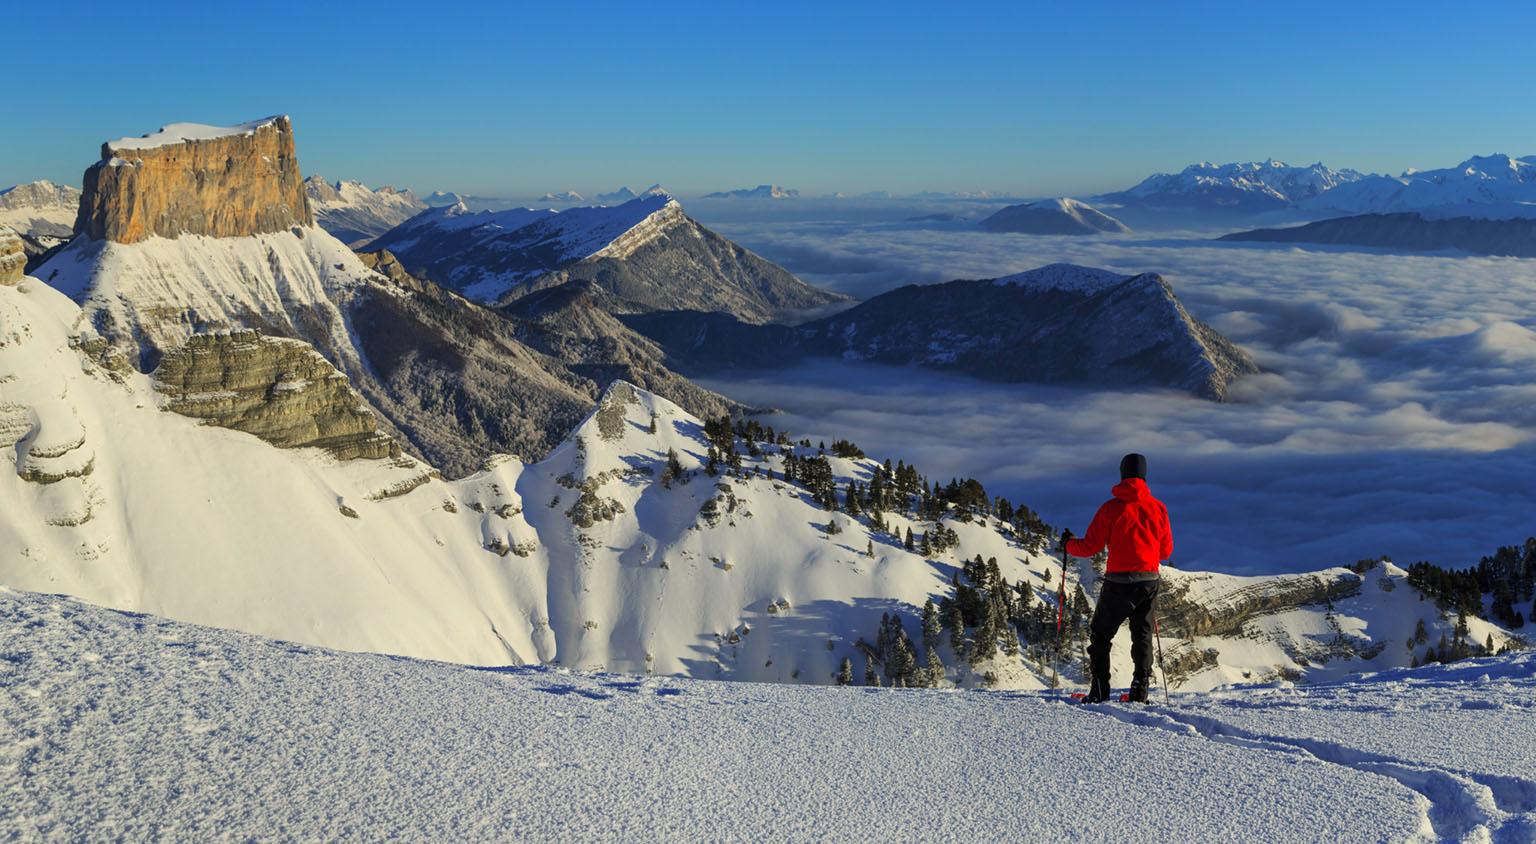 Randonneur devant le Mont Aiguille - Vercors © adobestock.com